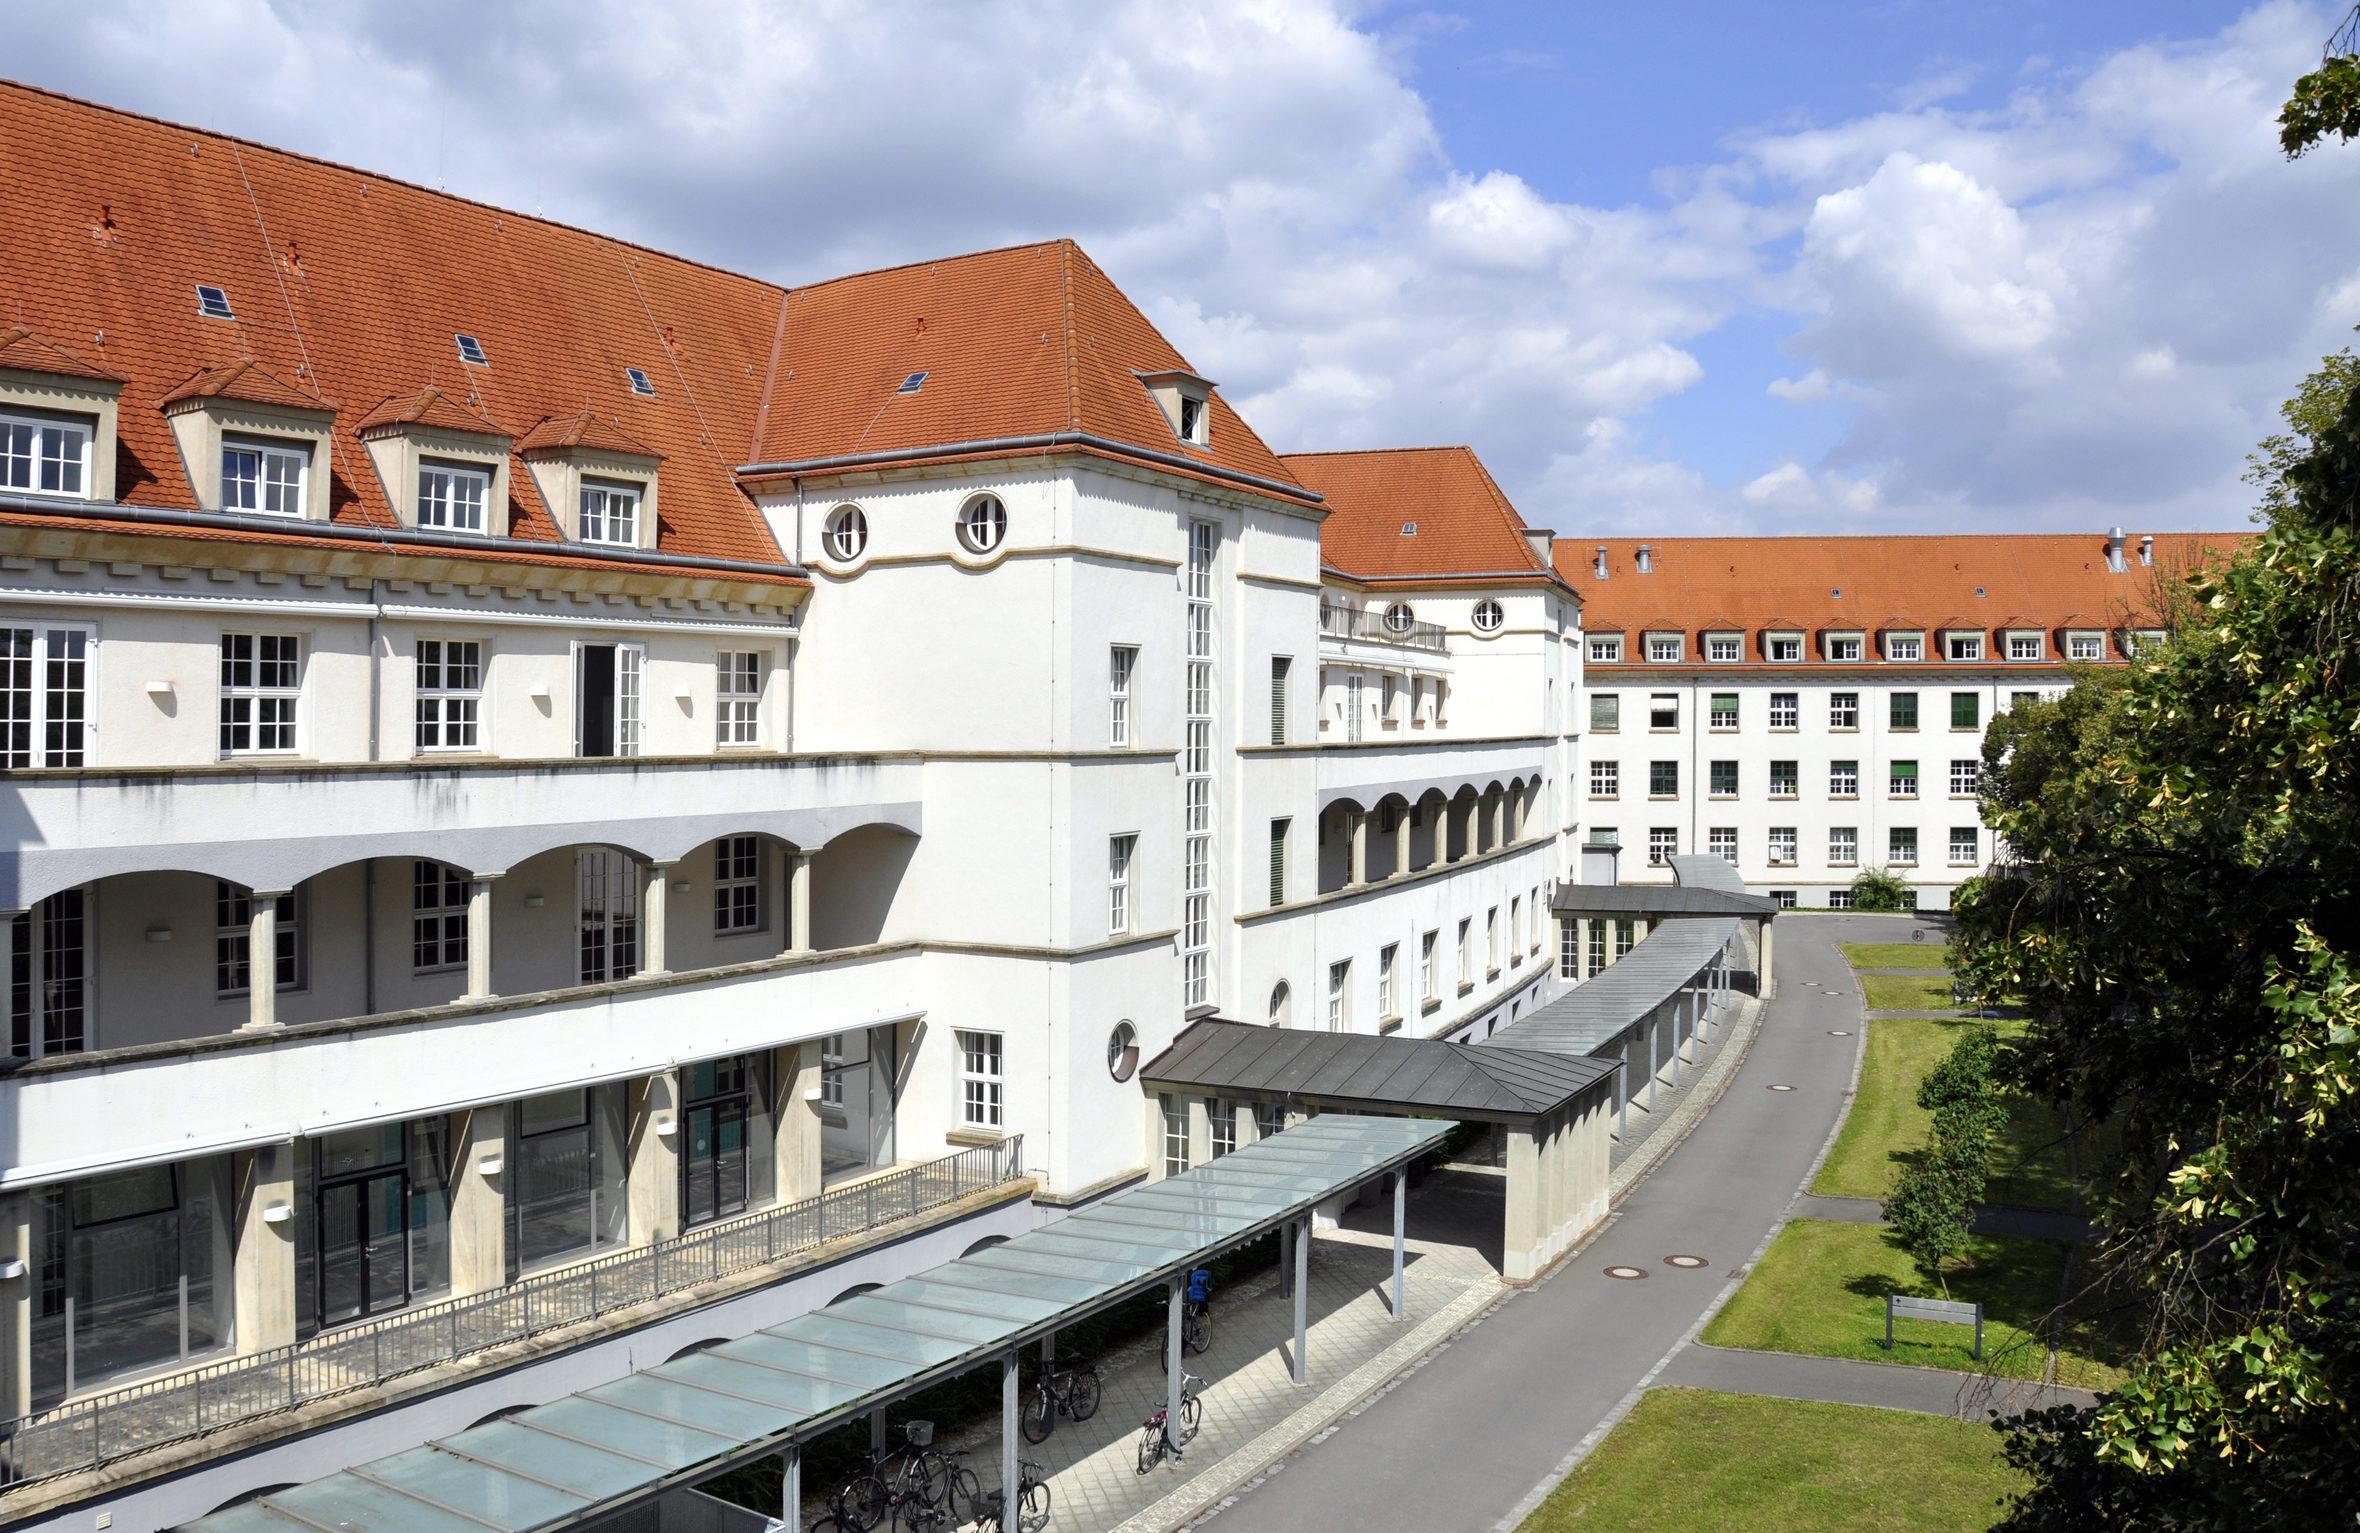 Hôpital au toit rouge